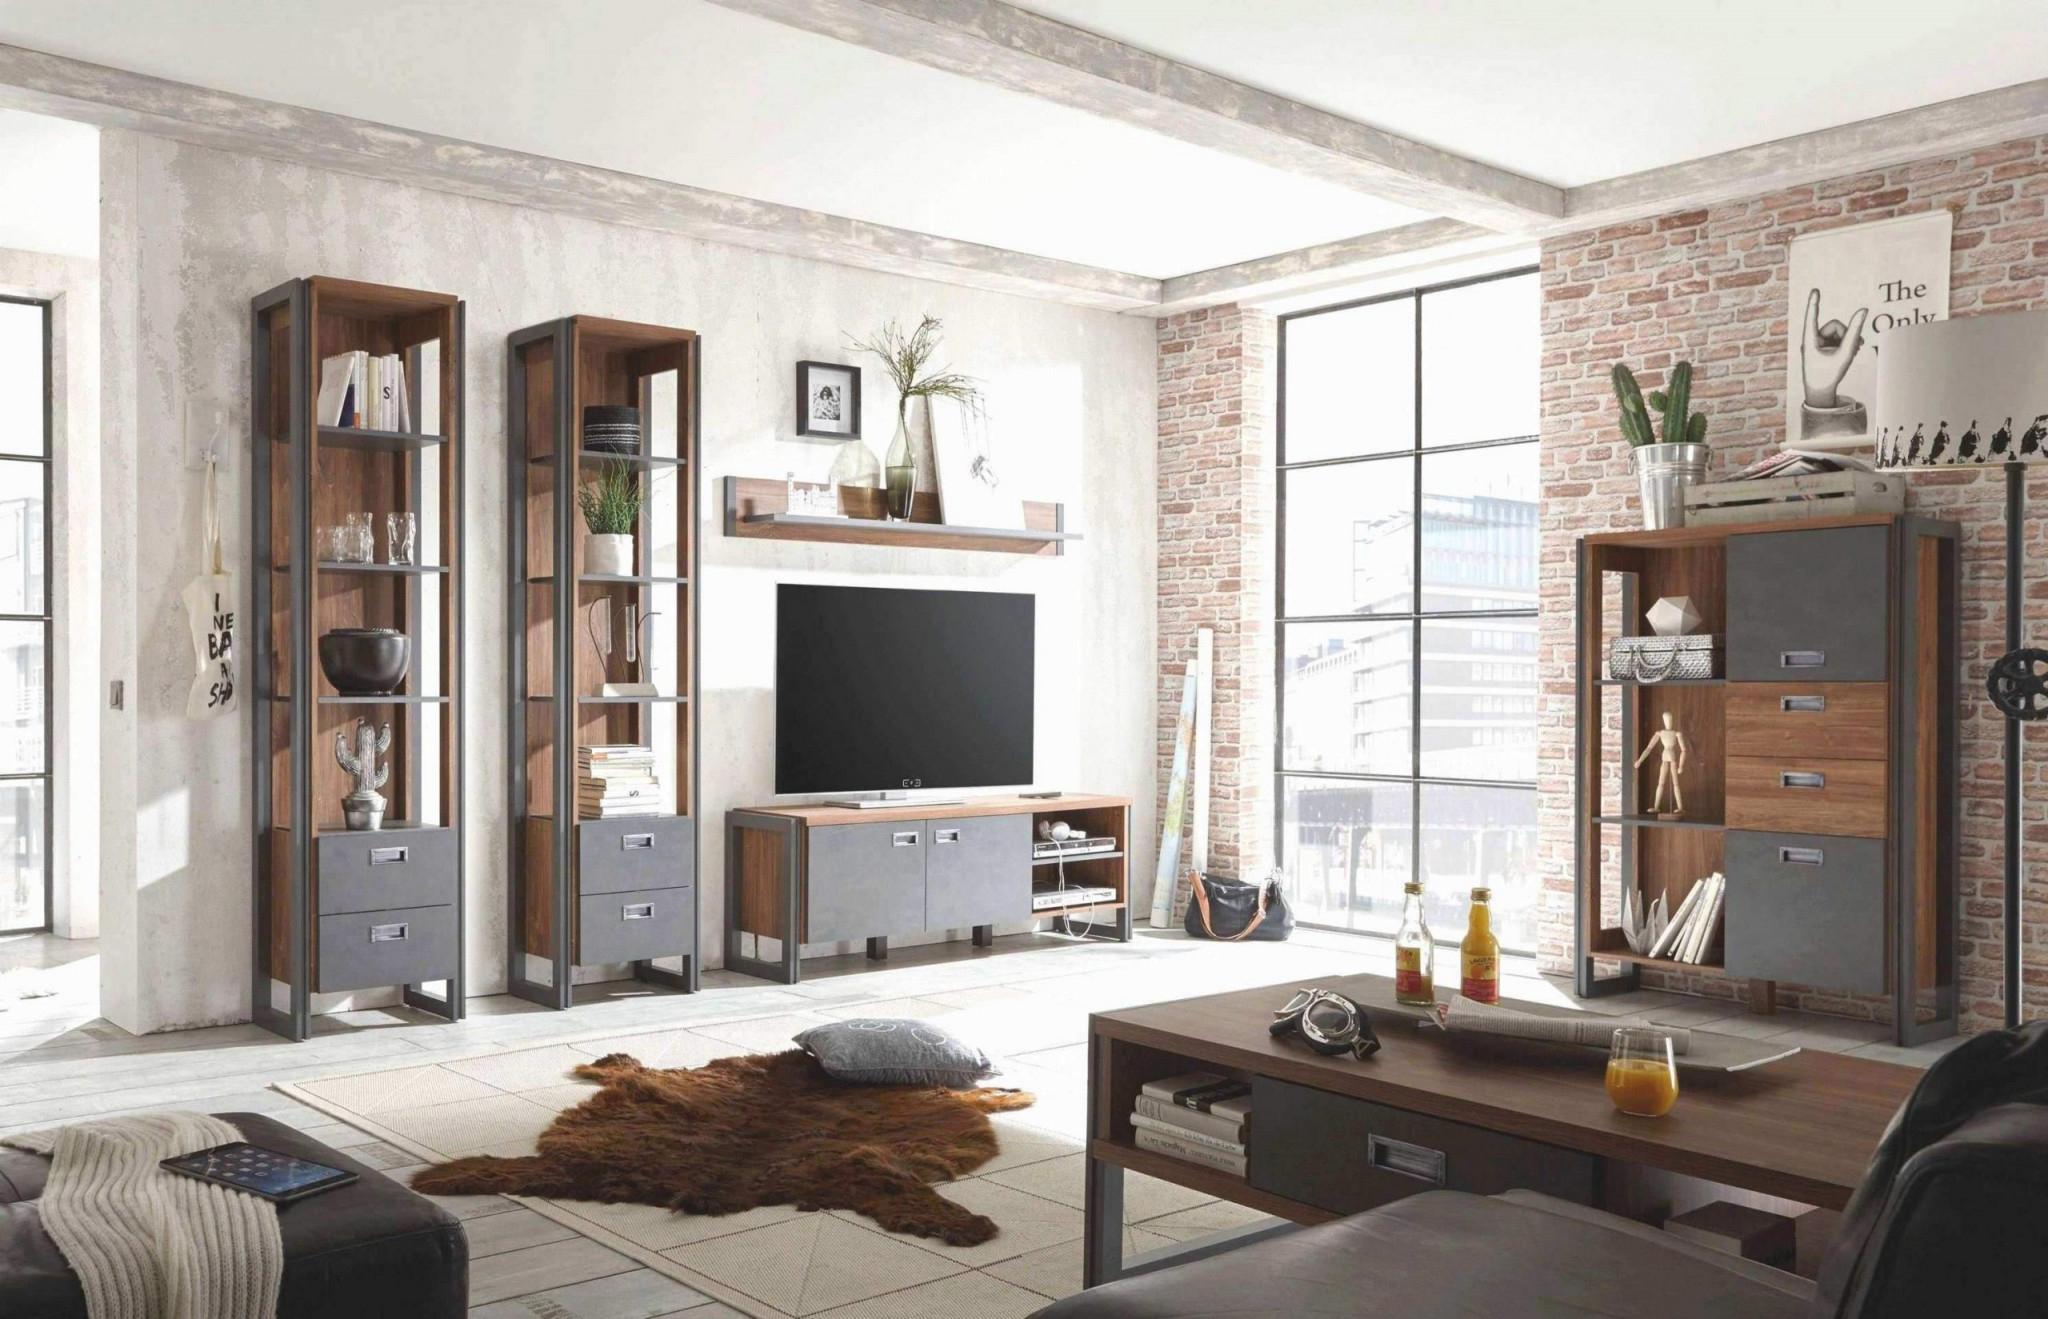 33 Reizend 16 Qm Wohnzimmer Einrichten Genial  Wohnzimmer von Einrichtung Wohnzimmer Ideen Bild